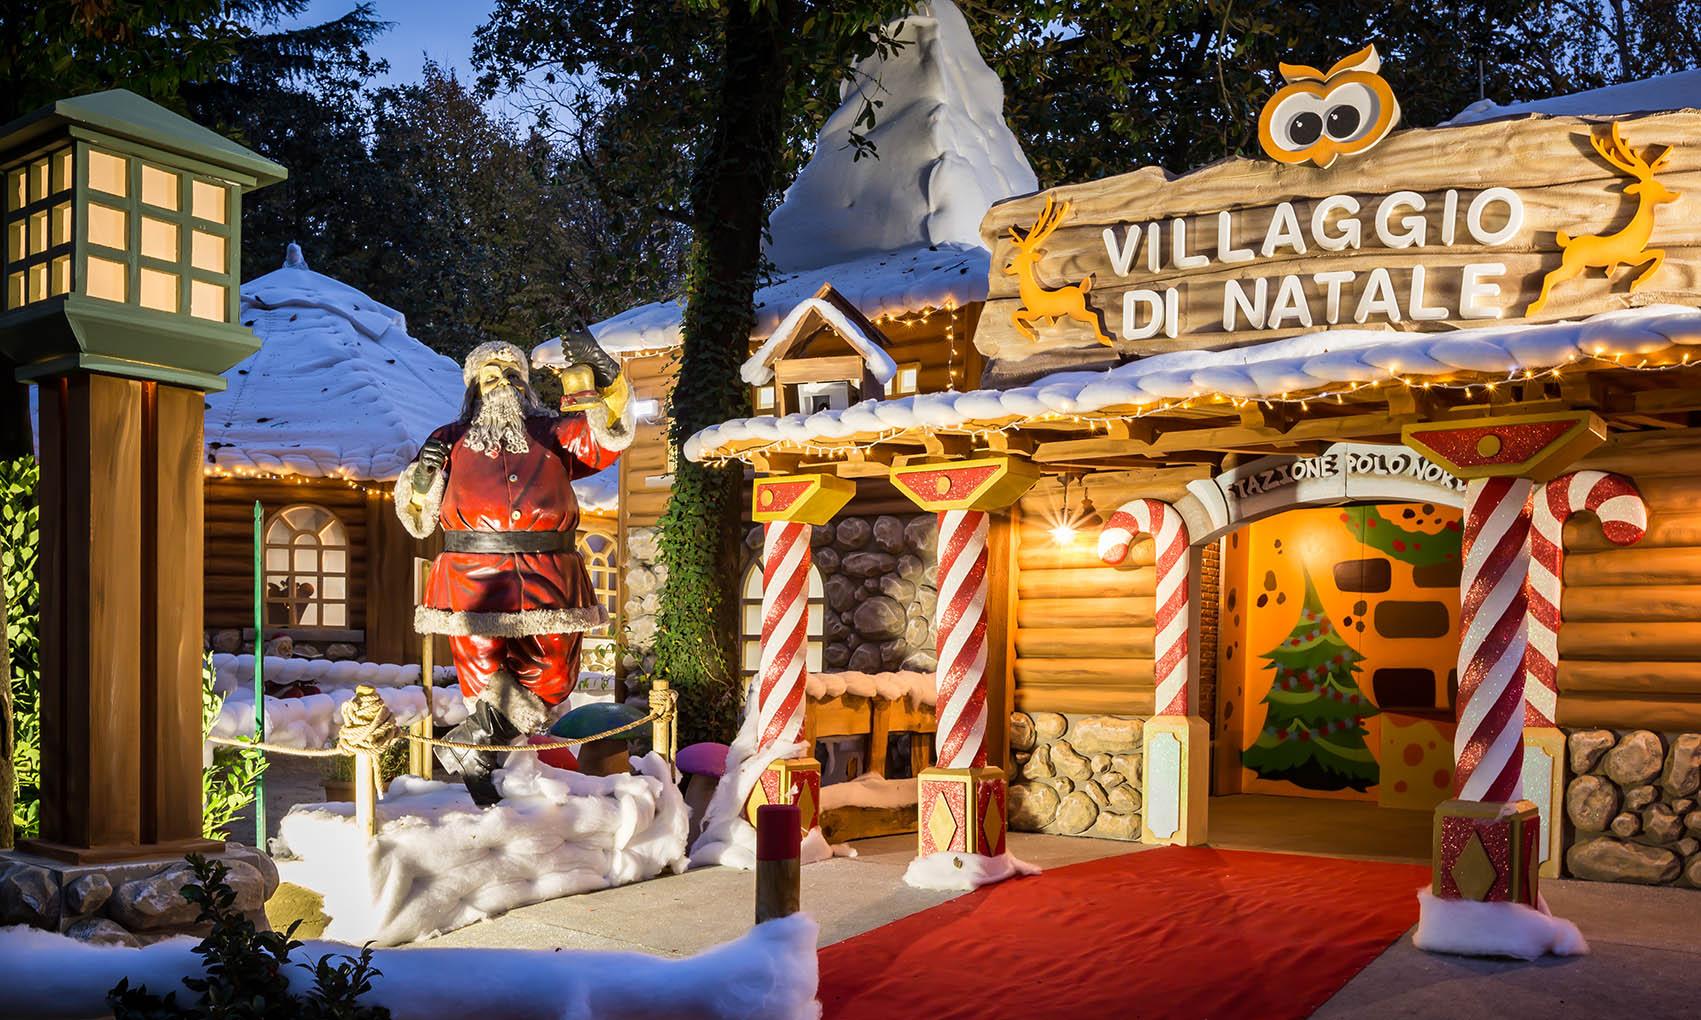 Arriva un enorme villaggio di Babbo Natale a Salerno.Ecco quando   Luci DArtista Salerno